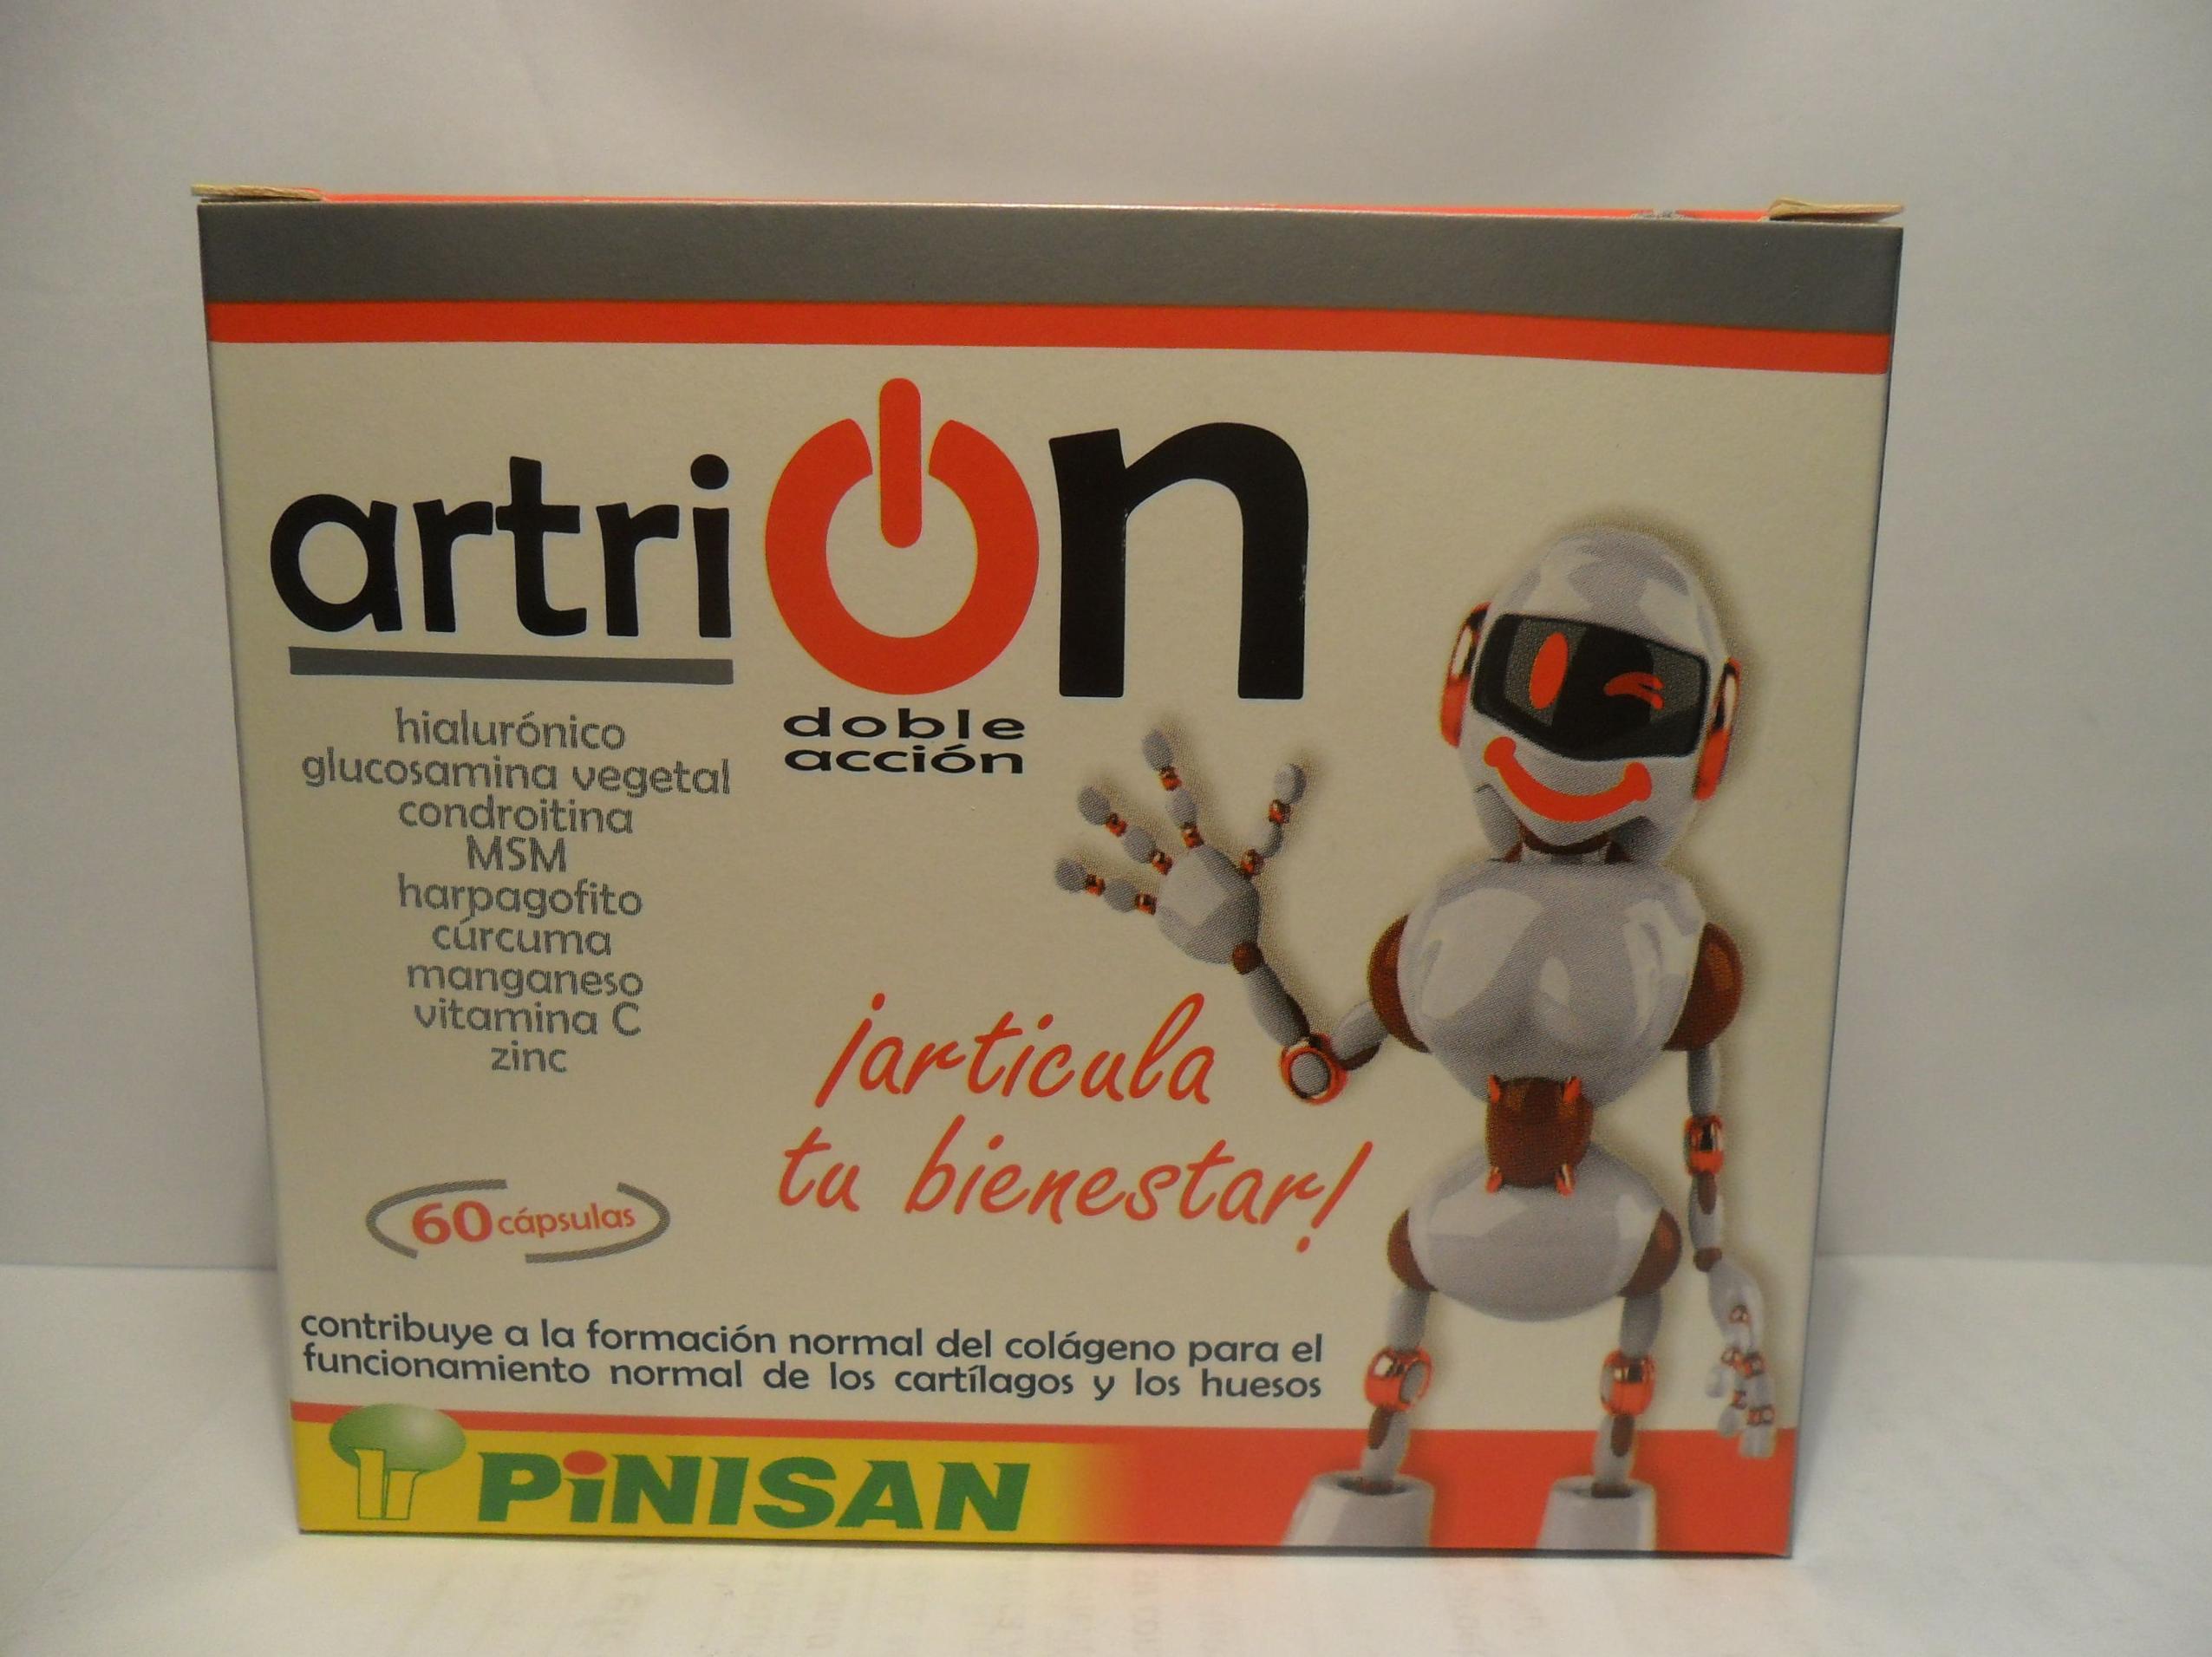 Artrion Doble Acción    : Catálogo de productos de Herbolario El Monte